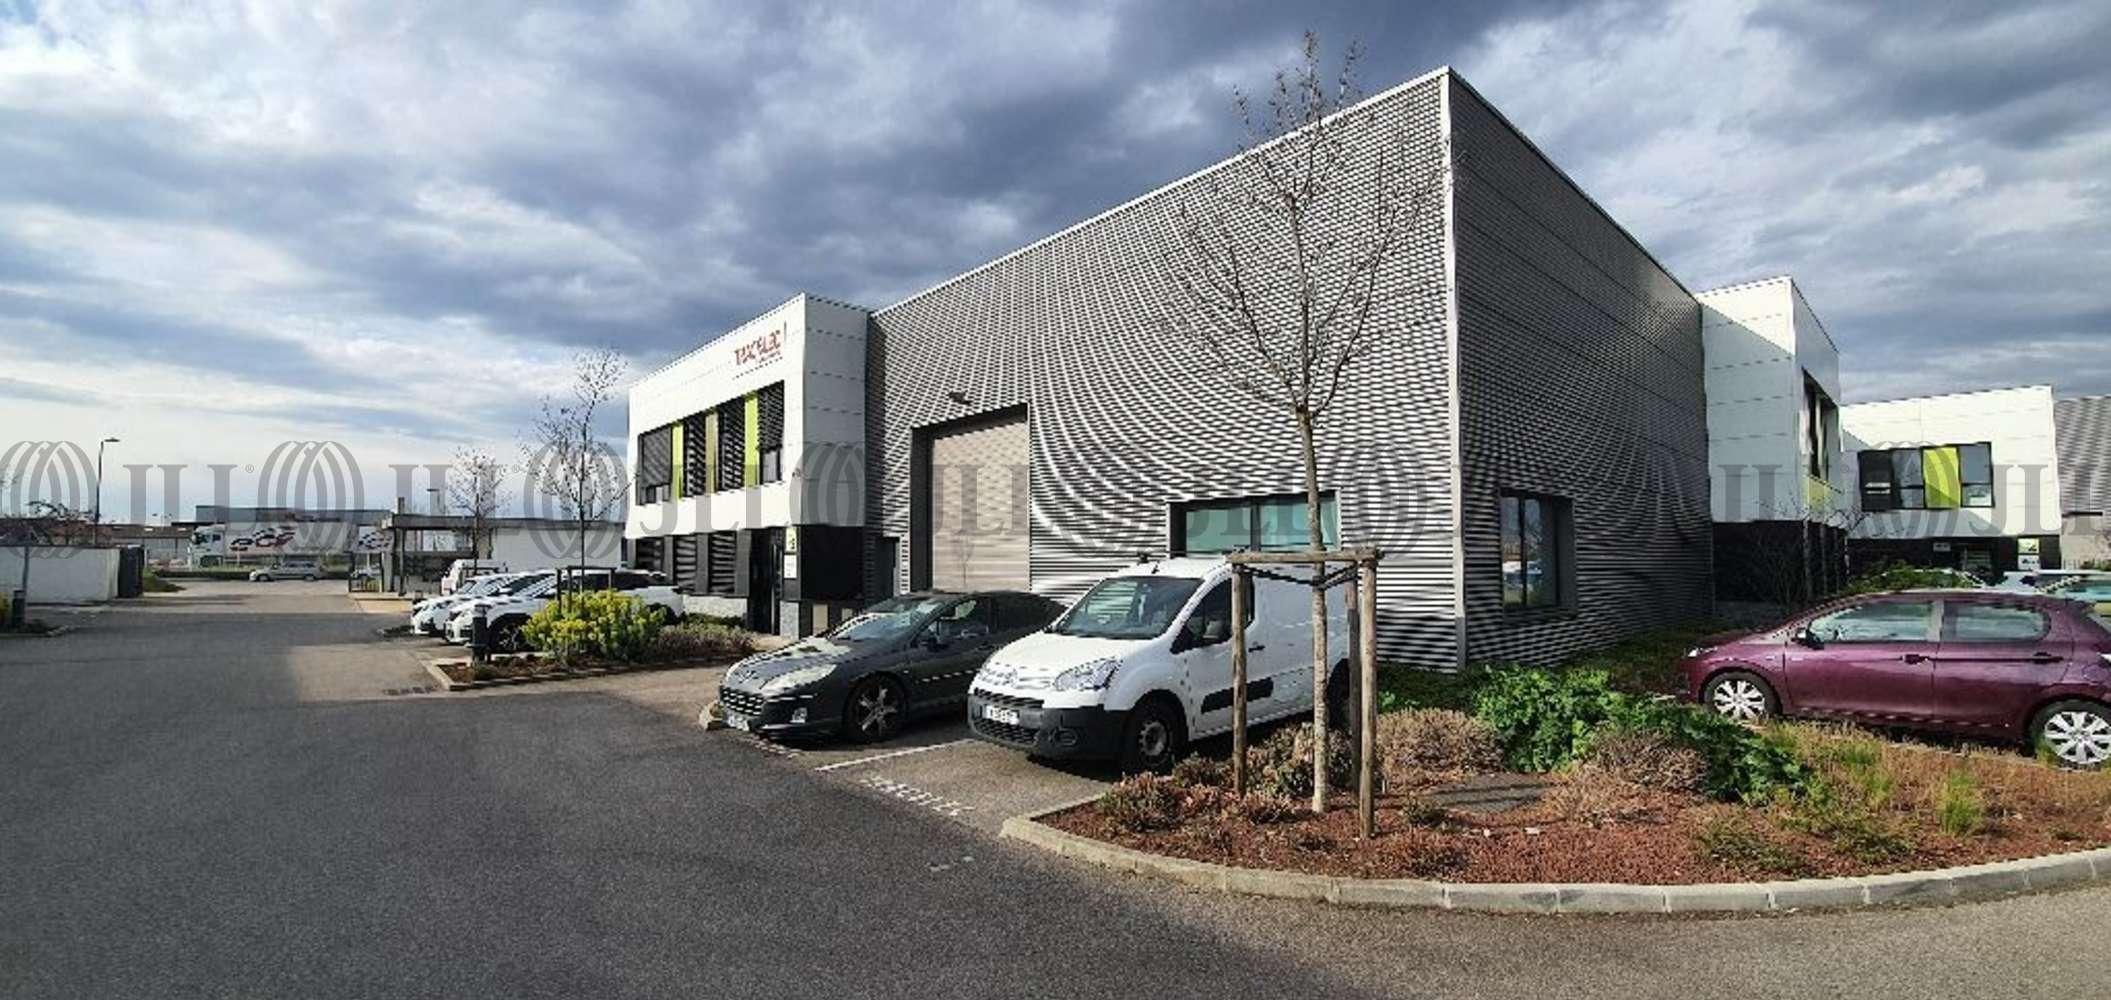 Activités/entrepôt Vaulx en velin, 69120 - Location entrepot Vaulx-en-Velin - Rhône - 10928900